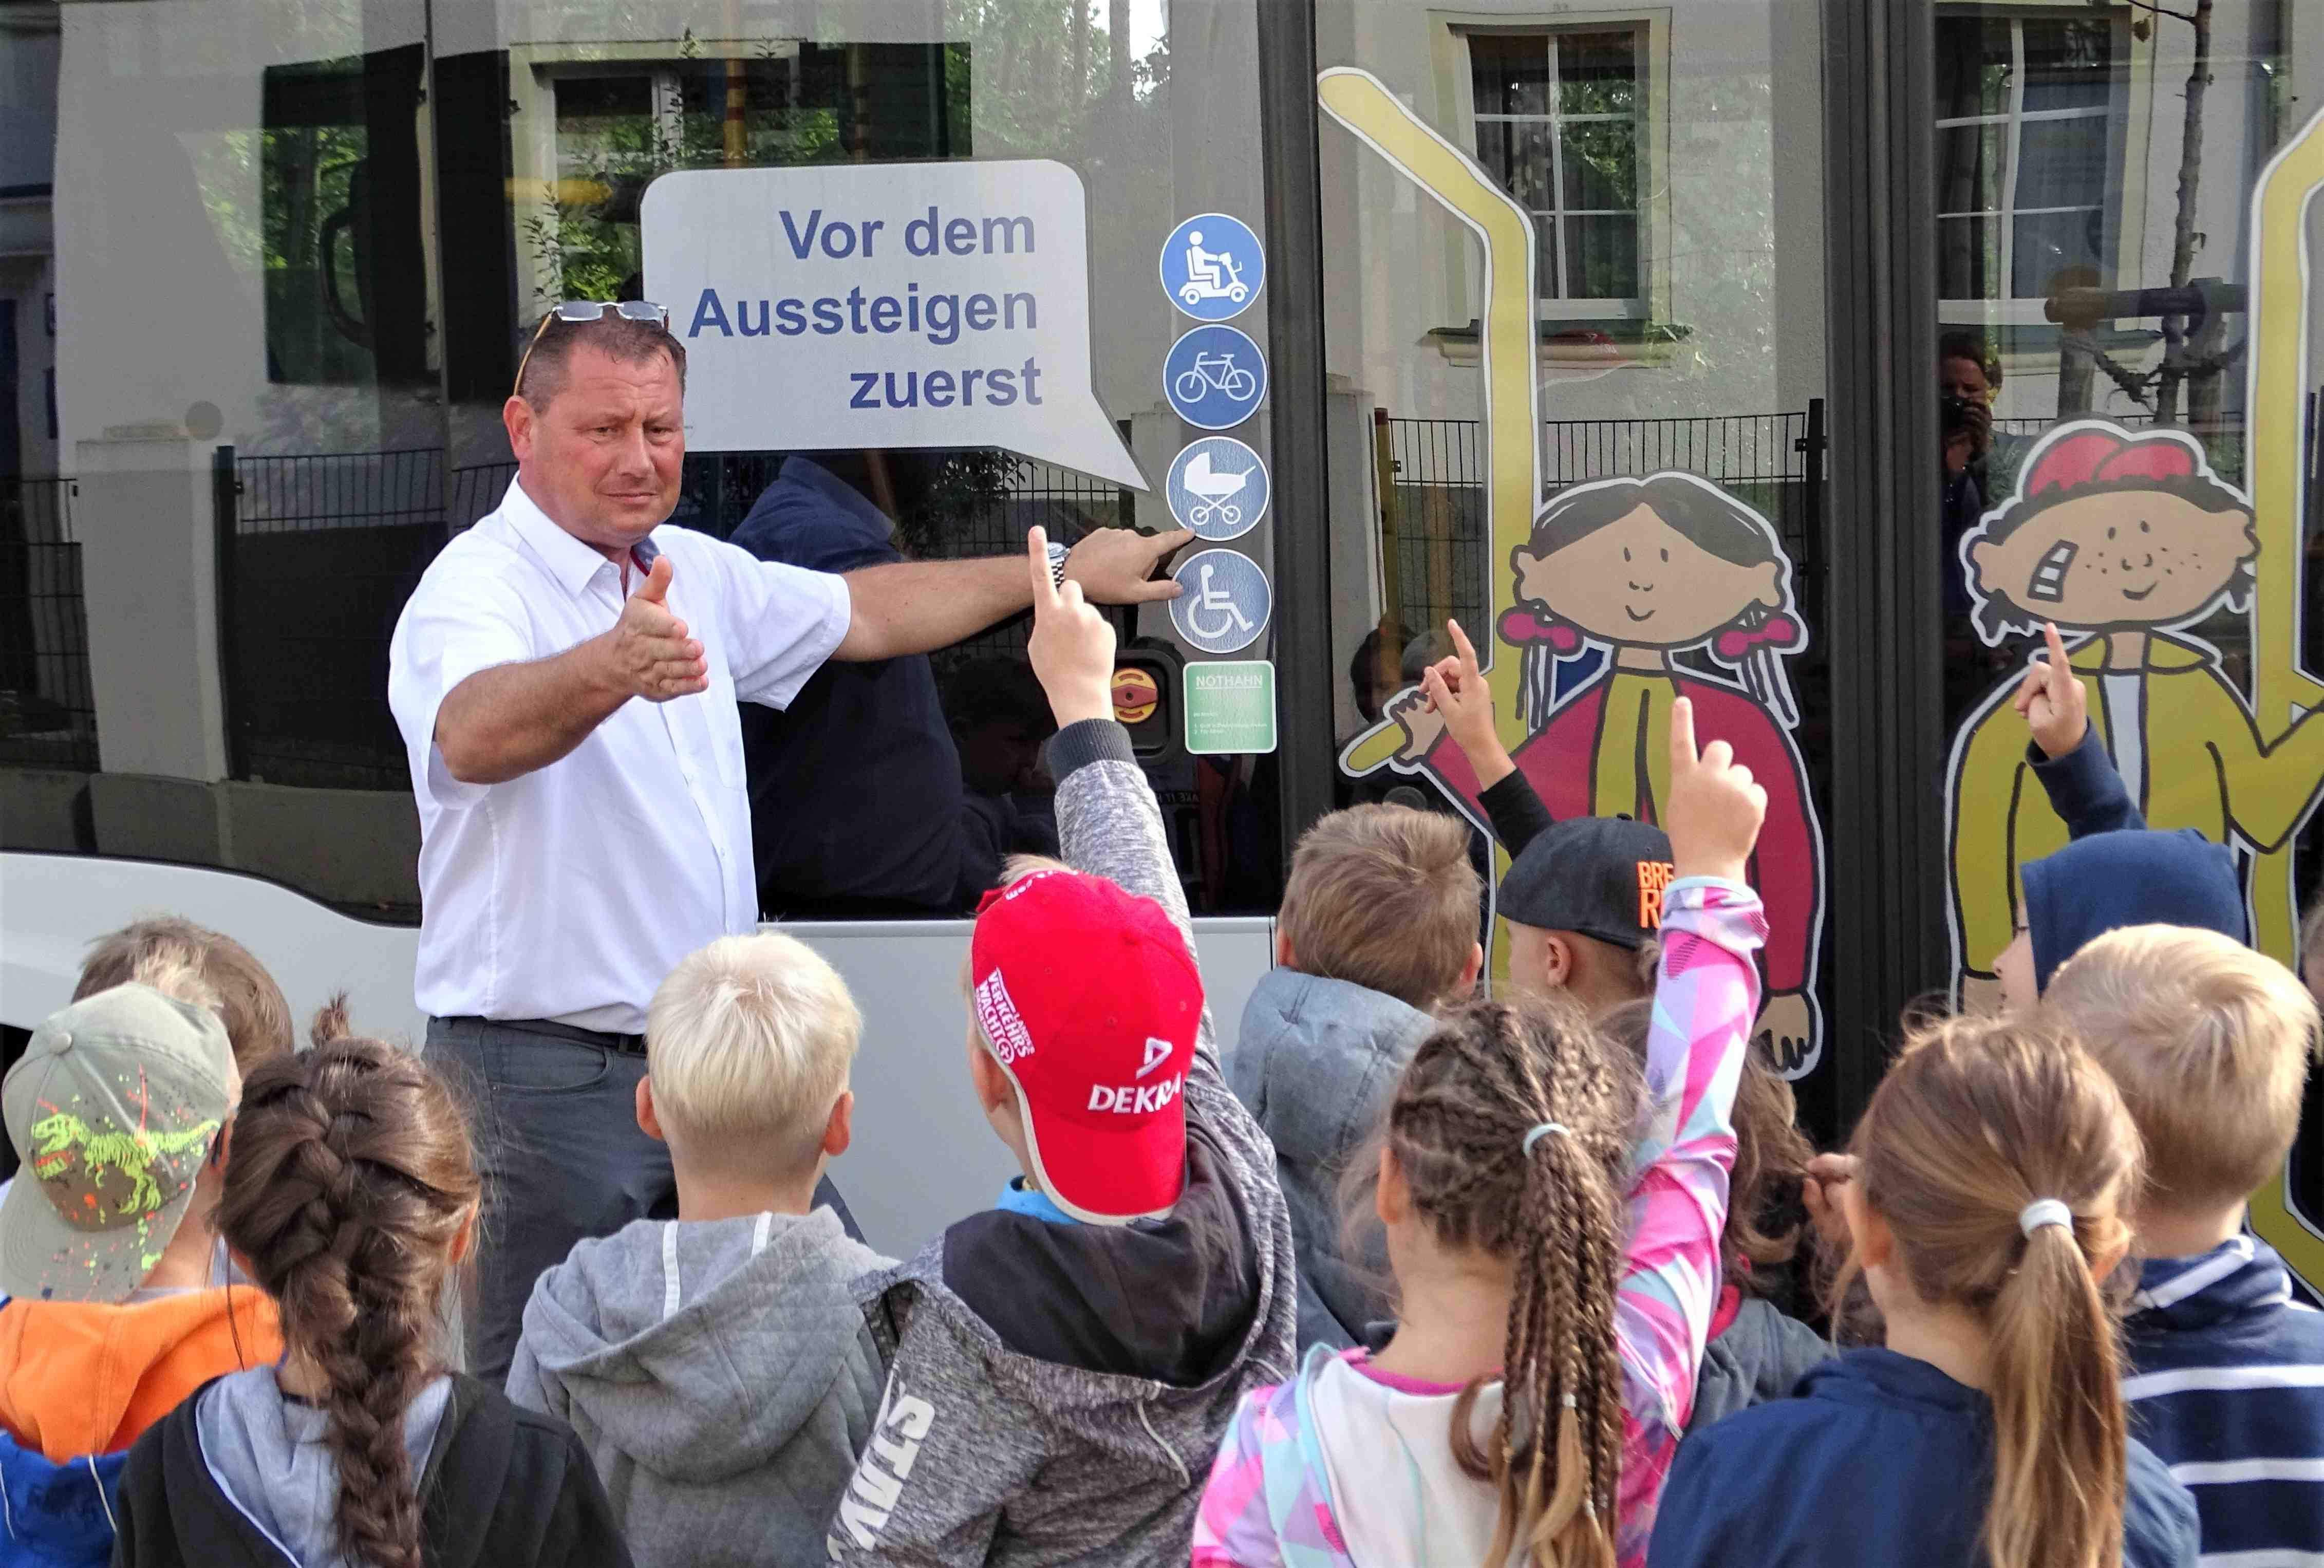 Über 25 Jahre Erfahrung – Unsere Havelbus-Schule startet zum diesjährigen Schulbeginn